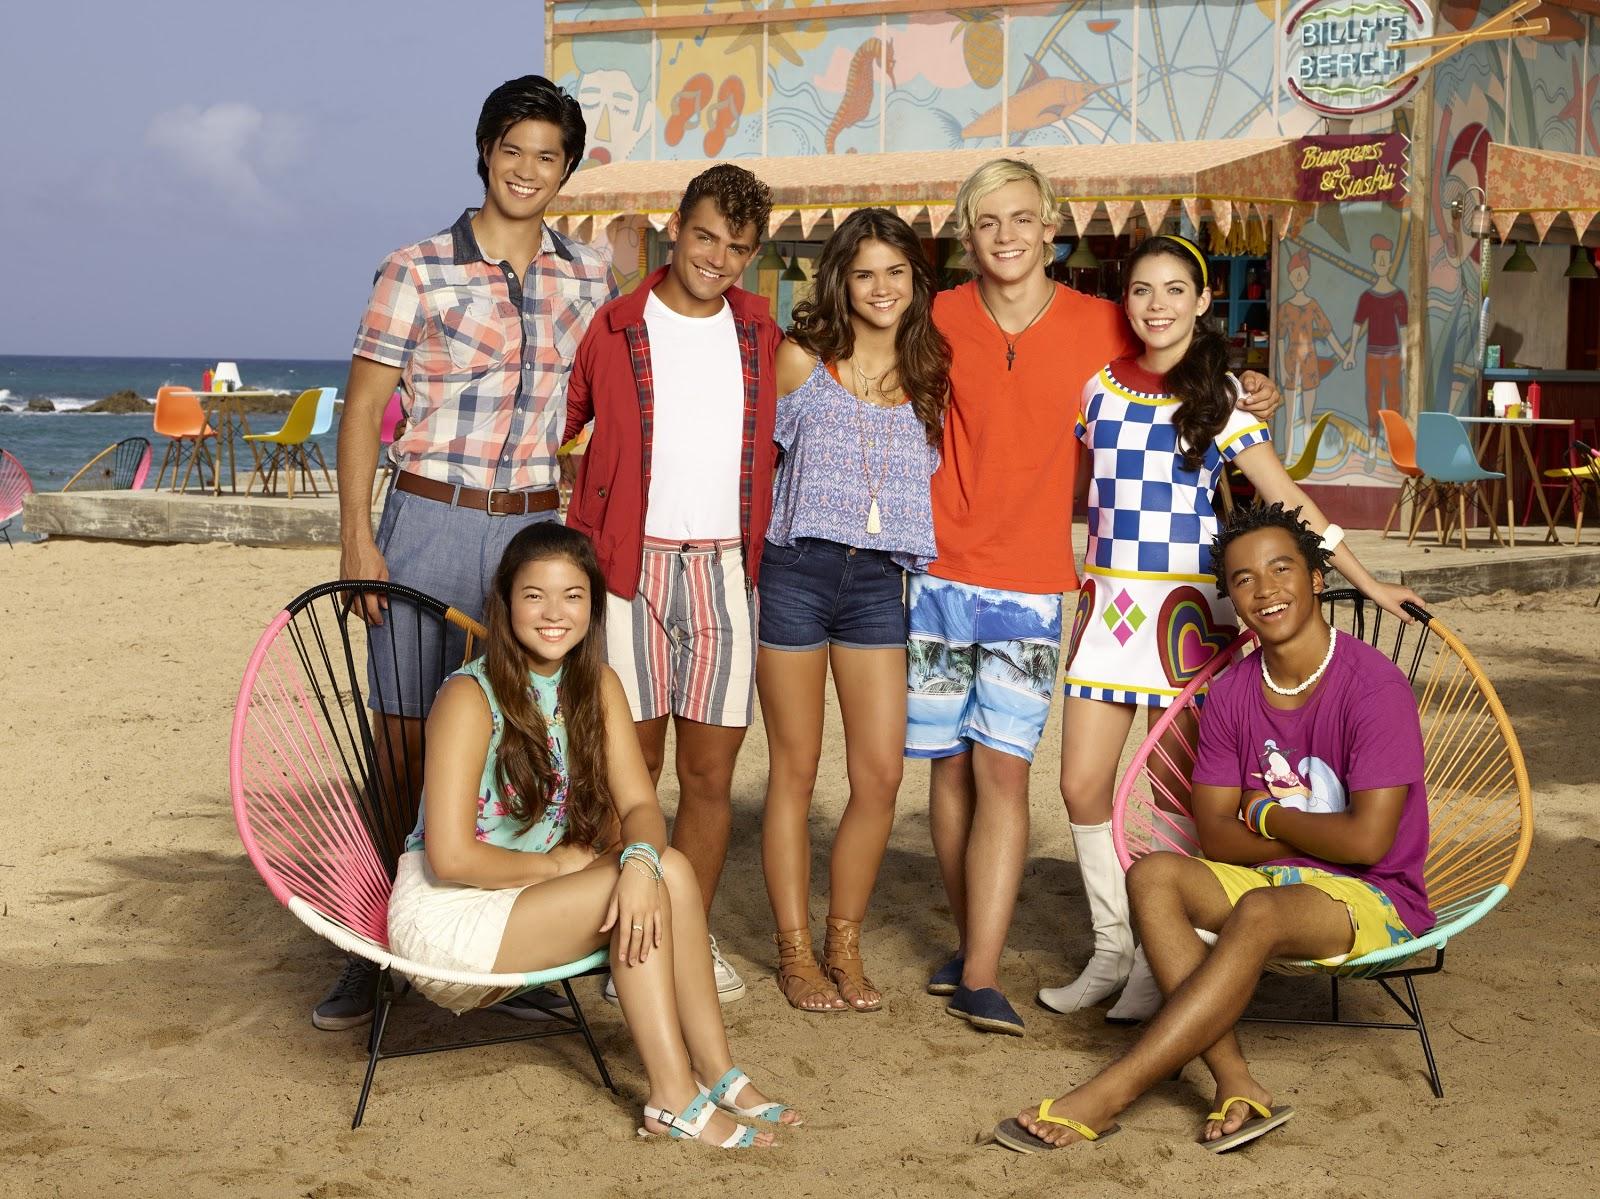 Teen Beach Pics